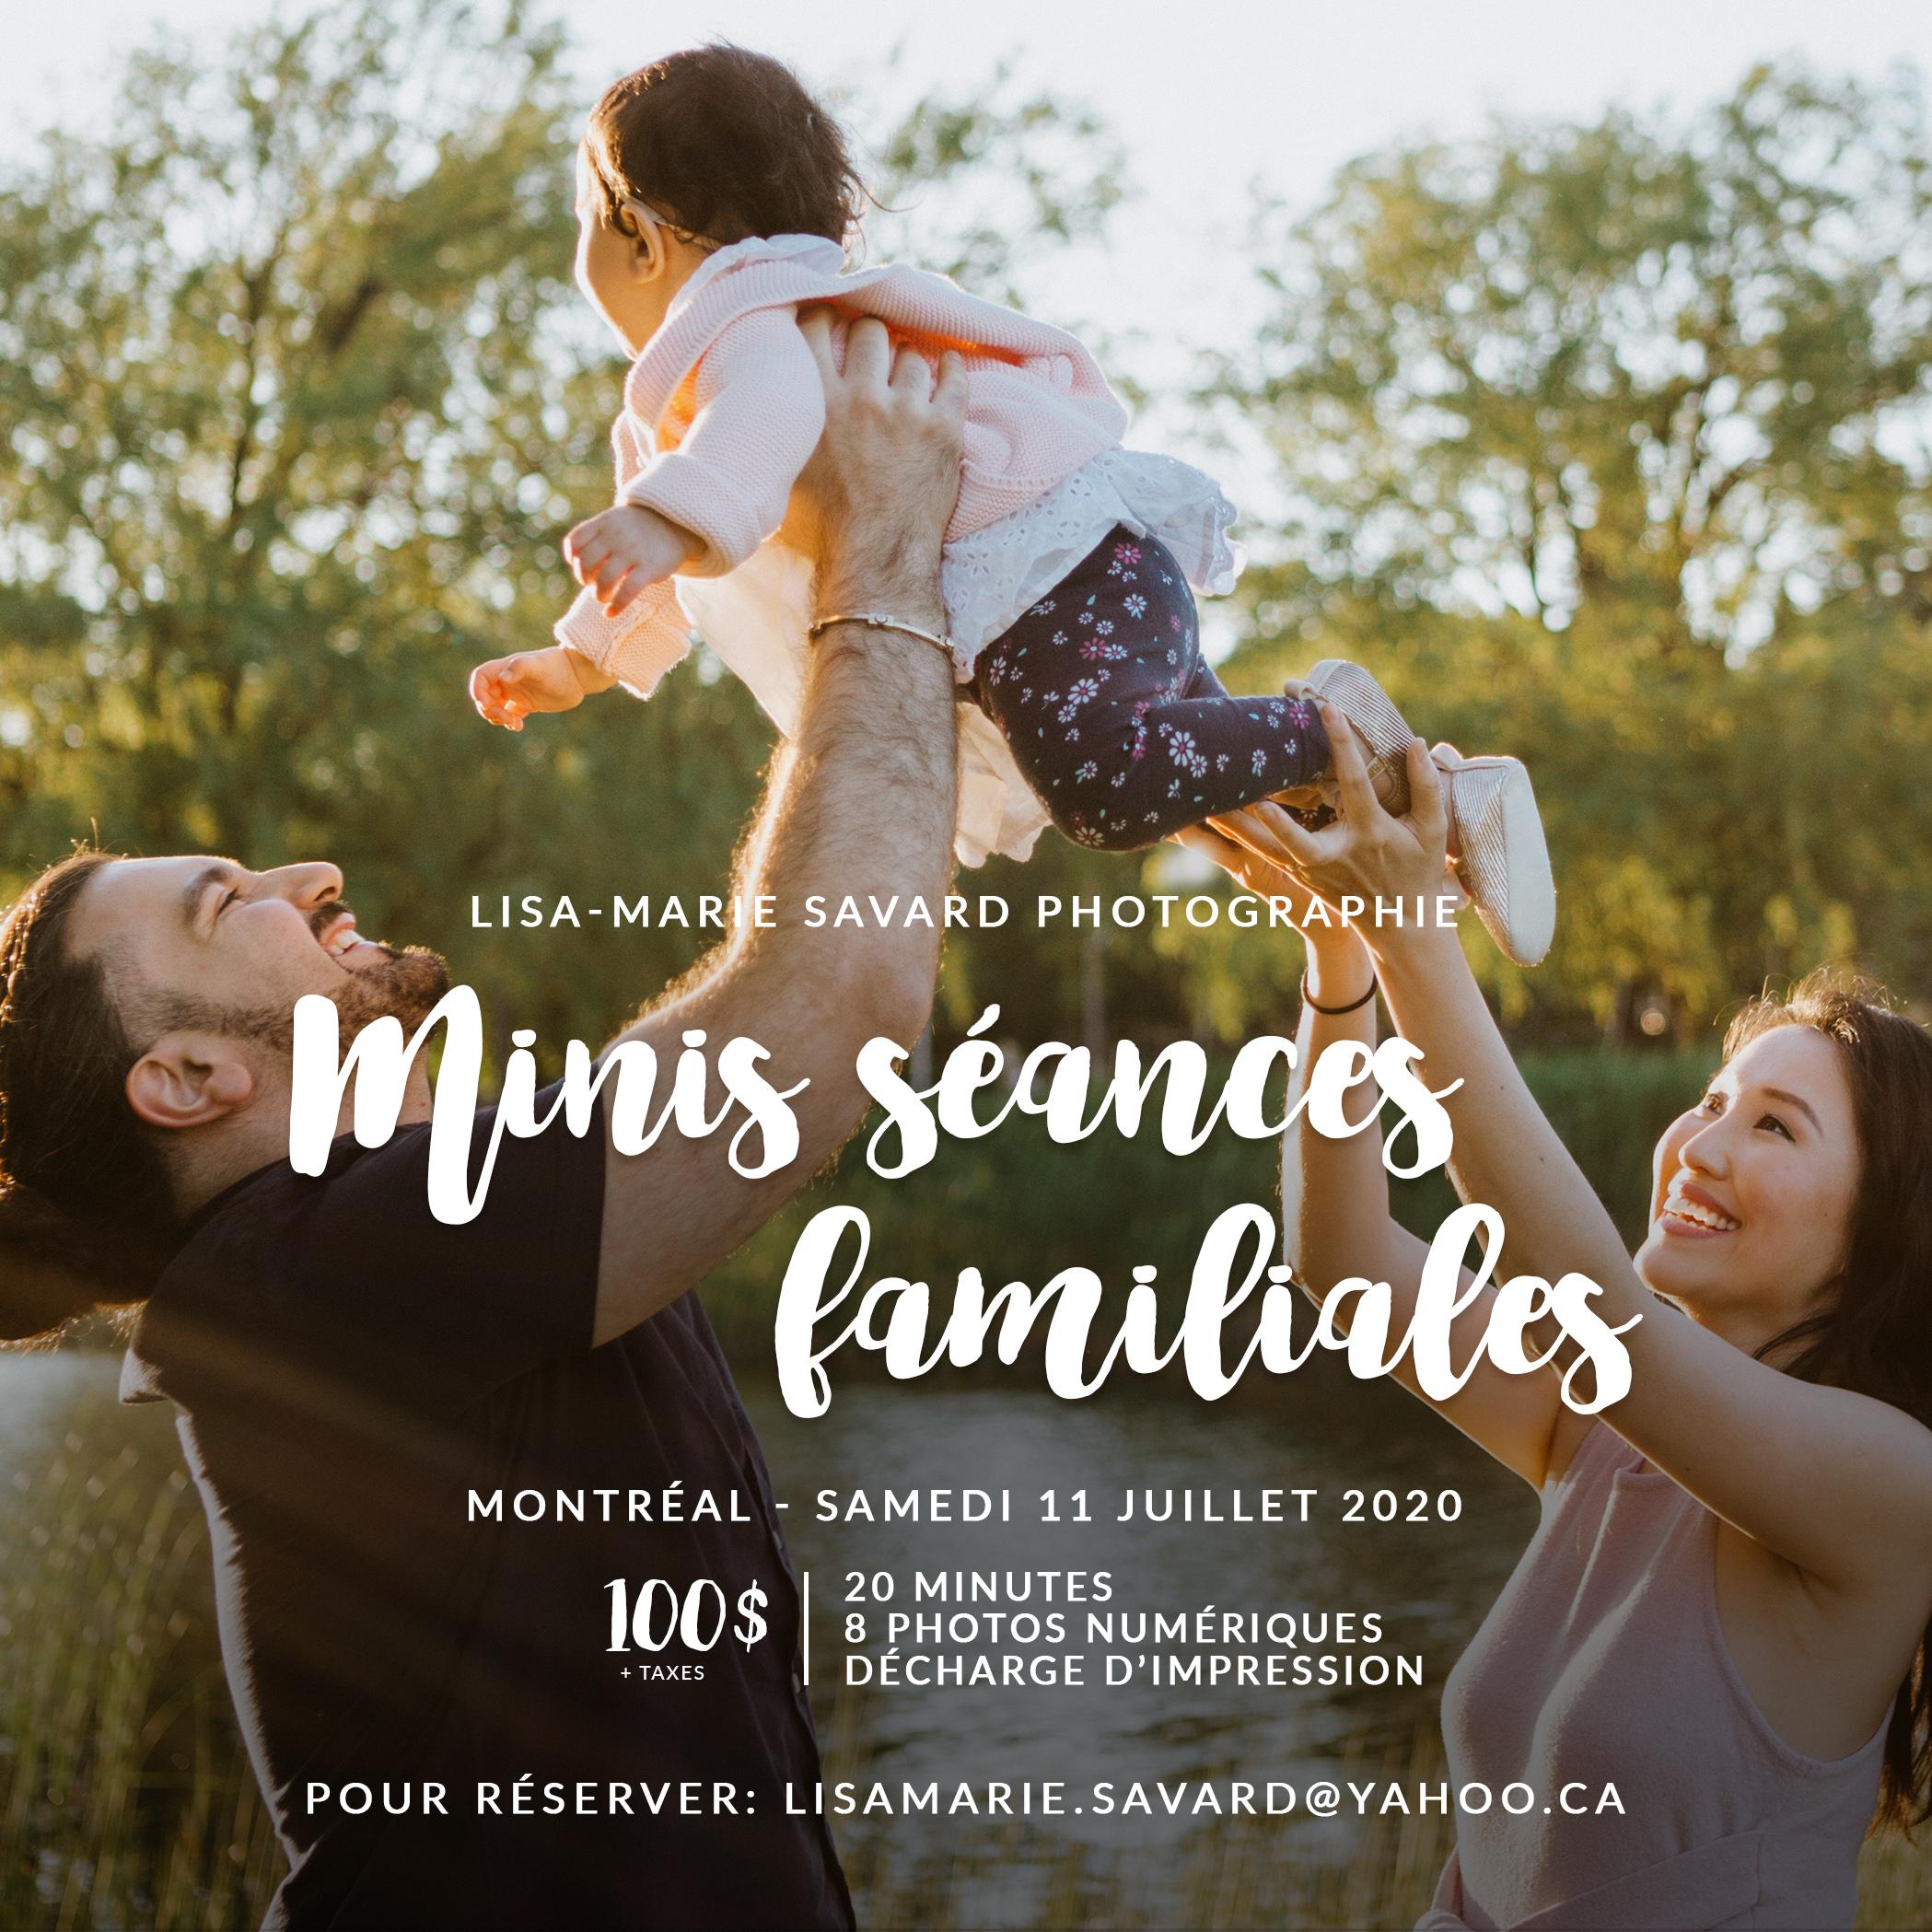 Minis séances familiales à Montréal 11 juillet 2020. Photos de famille à l'extérieur COVID-19. Montreal family mini sessions July 11th 2020. COVID-19 outdoor family photos.